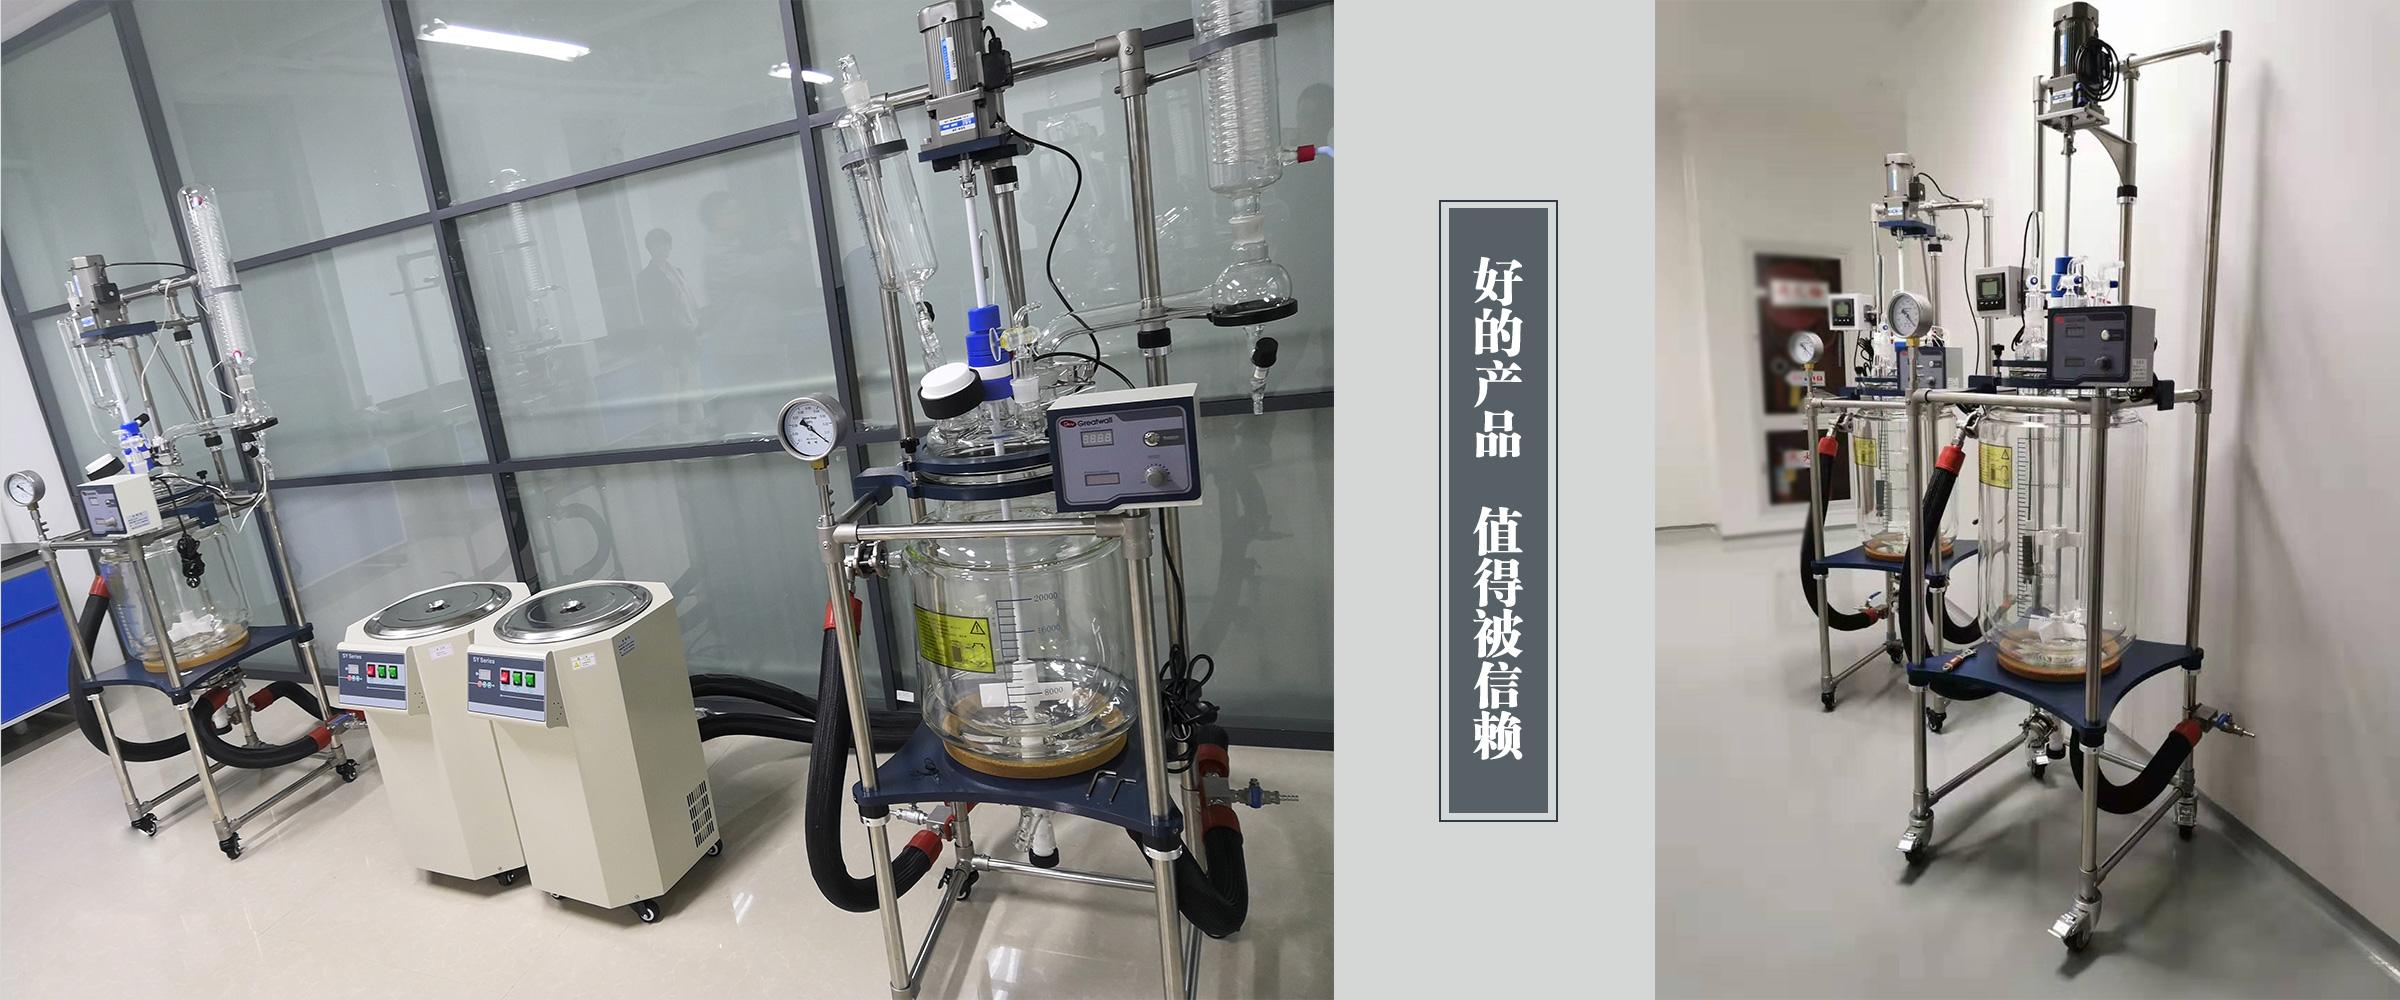 调速玻璃反应釜 (13)